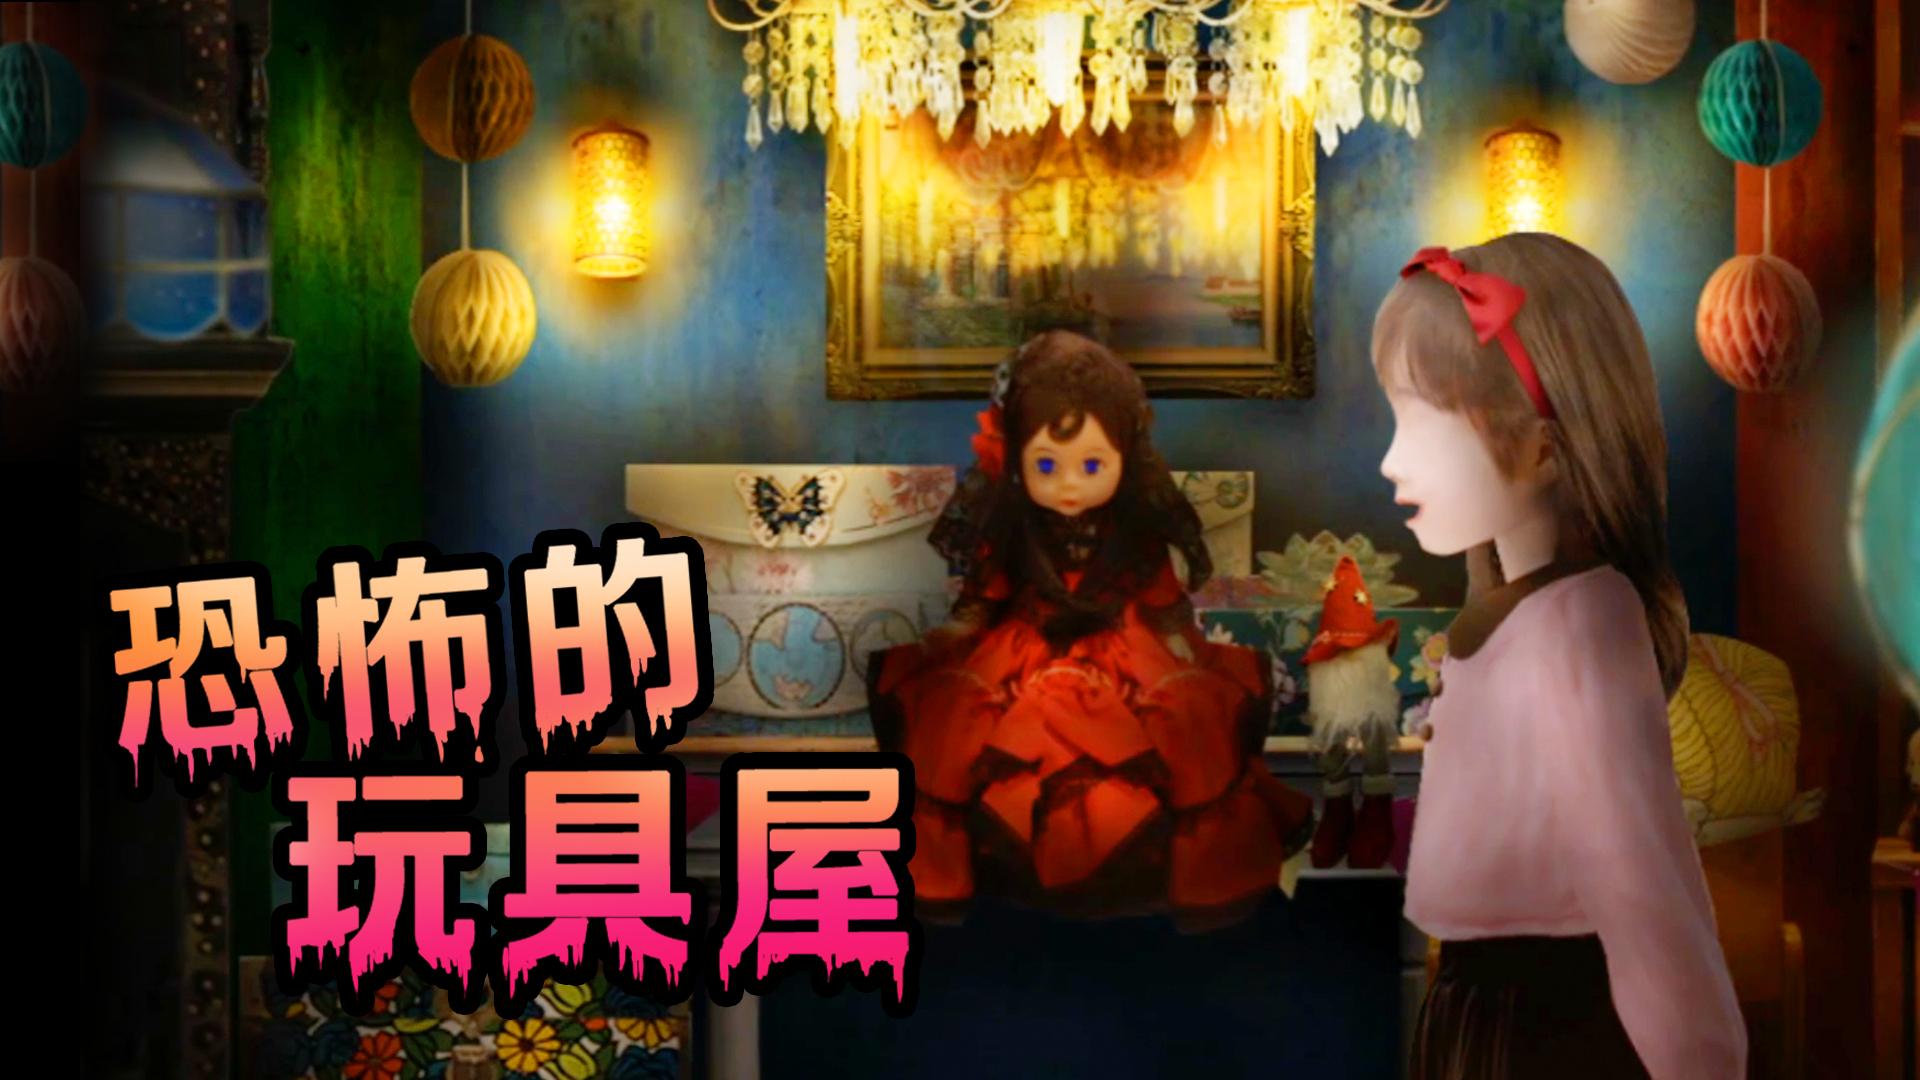 丧心病狂!把无辜小女孩变成人偶的可怕玩具屋!|日式恐怖游戏《翌日》系列之《耳语玩具屋》